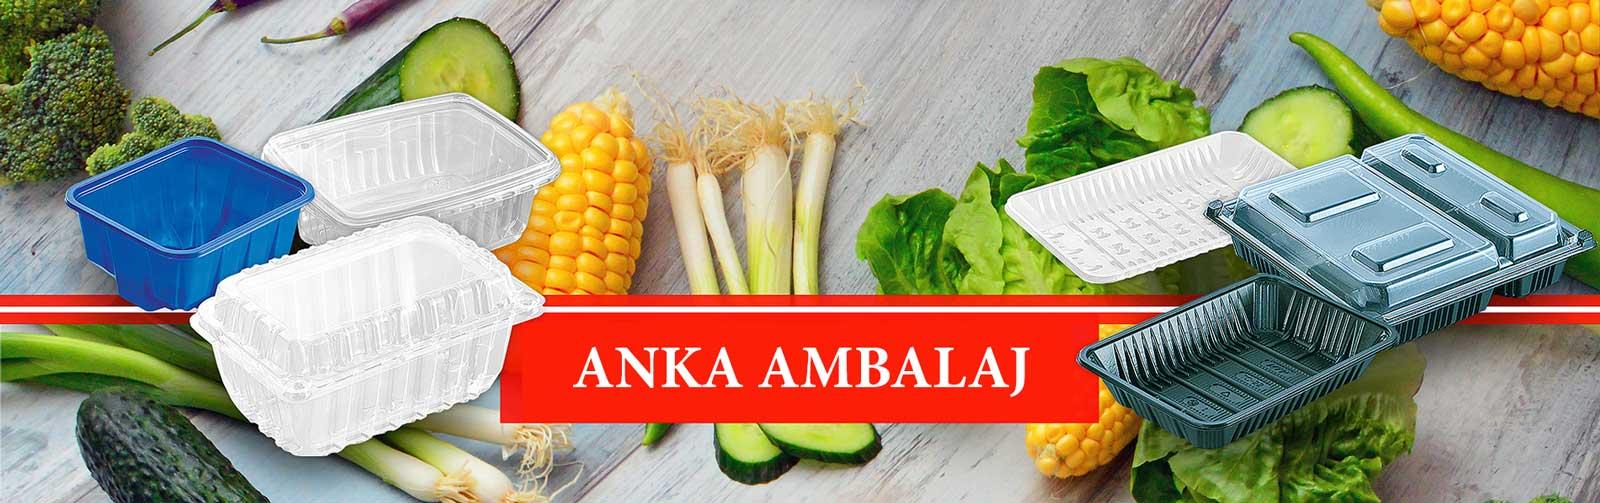 anka1